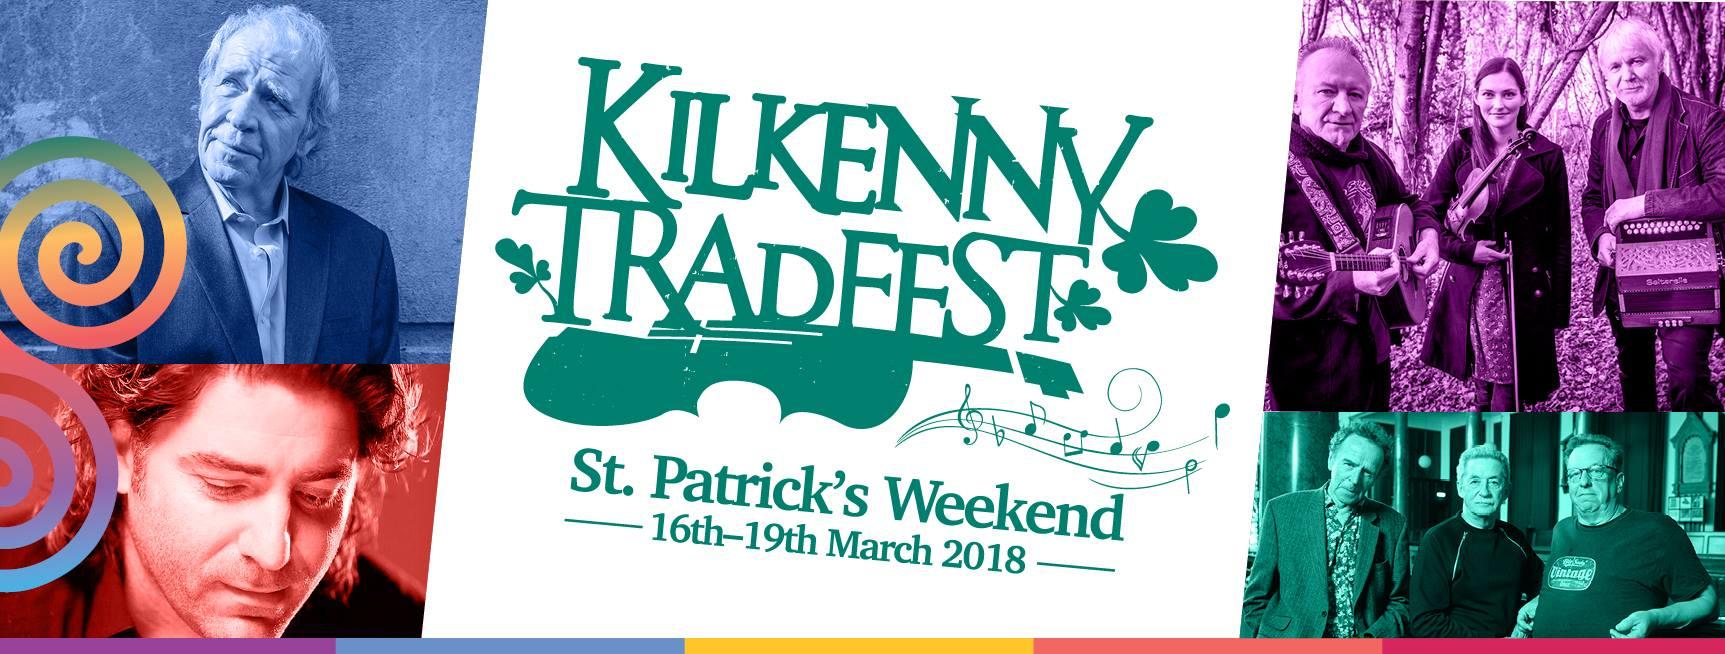 Trad Fest Kilkenny